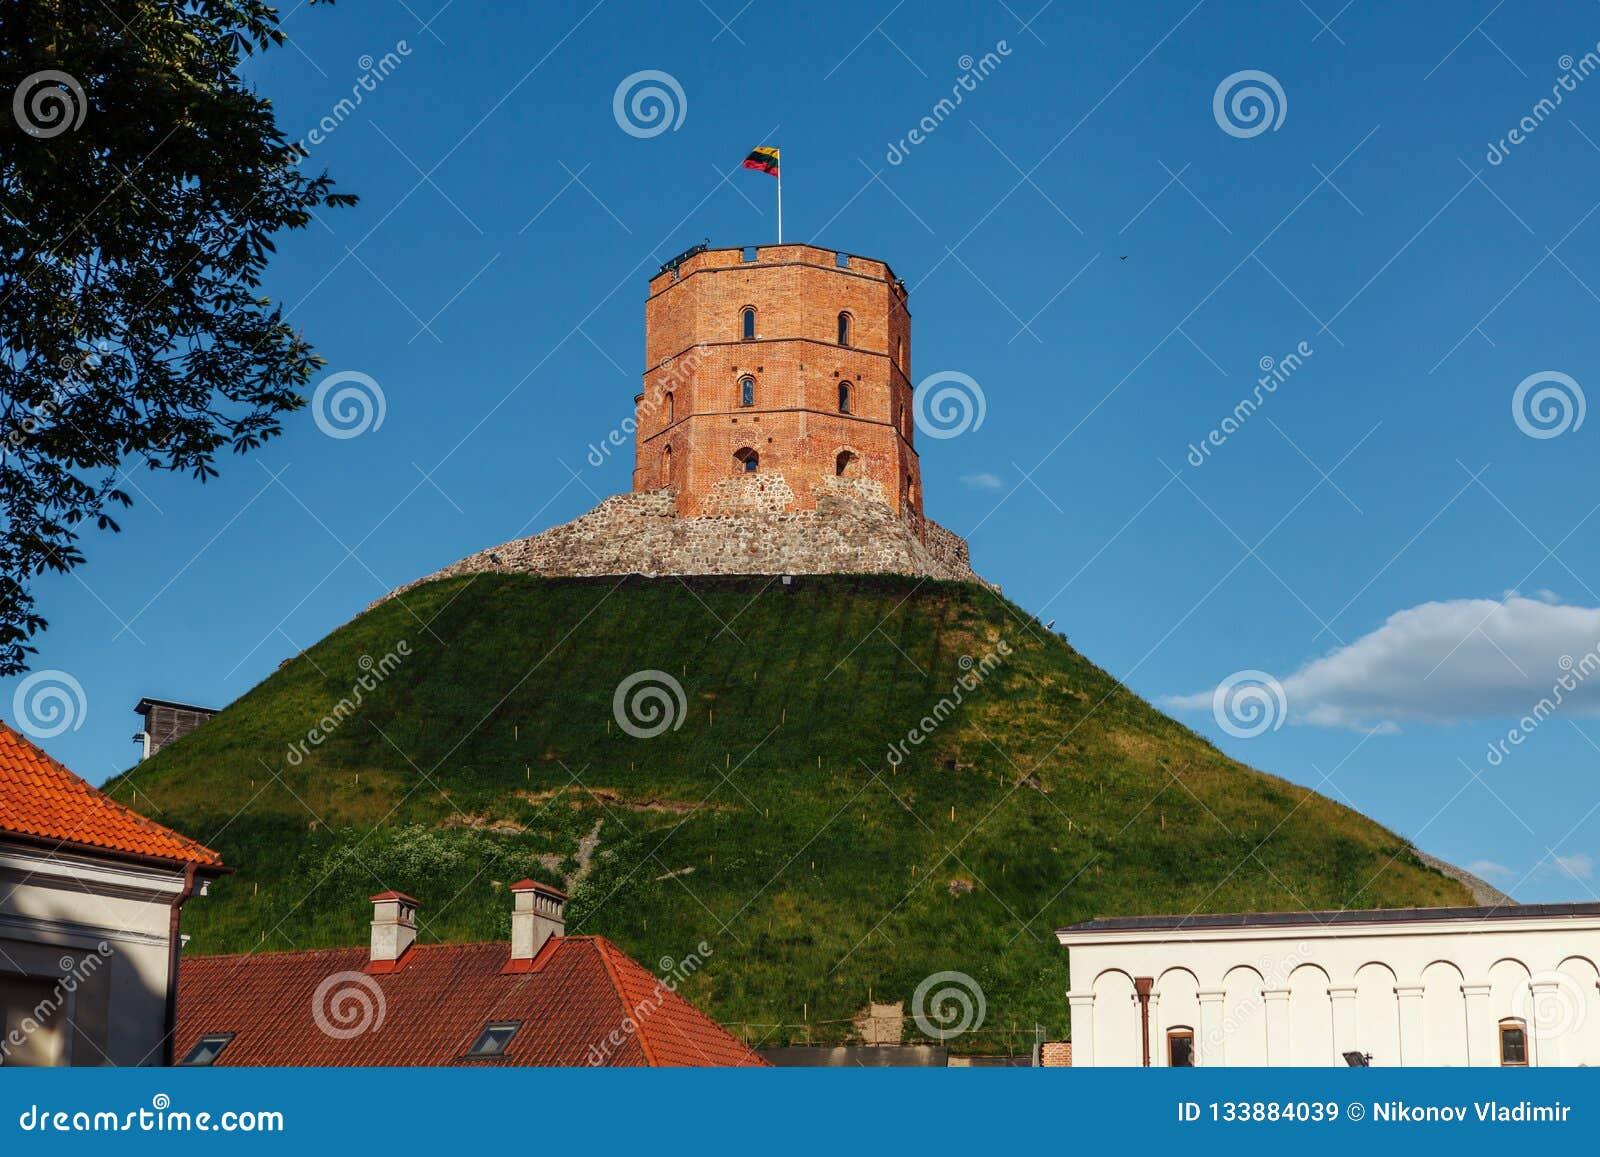 Castelo de Gediminas na capital lituana Vilnus